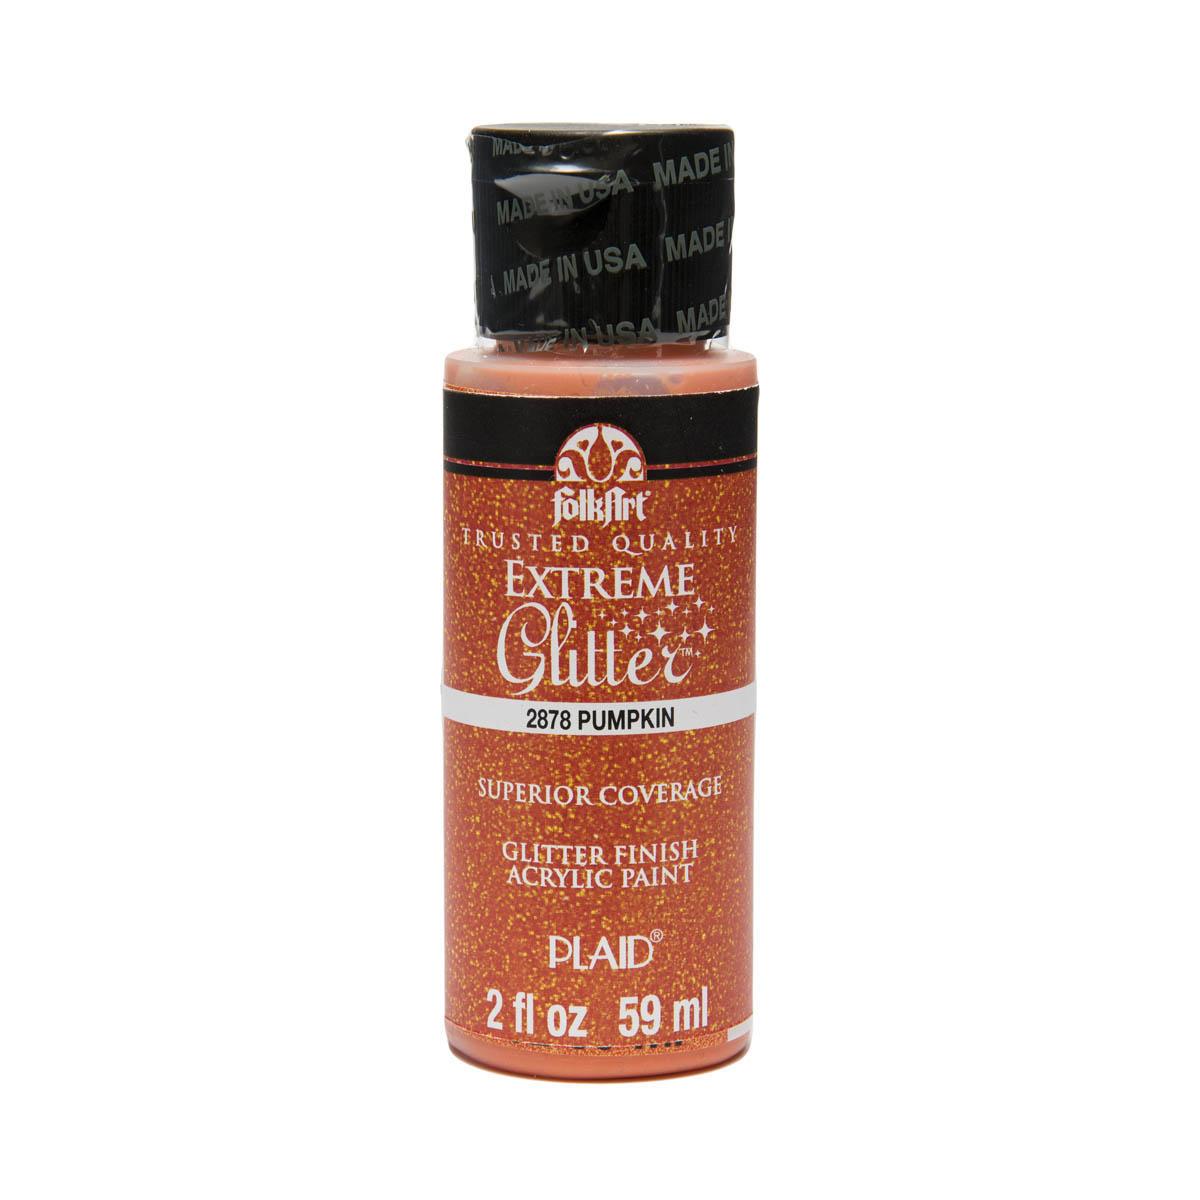 FolkArt ® Extreme Glitter™ - Pumpkin Orange, 2 oz. - 2878